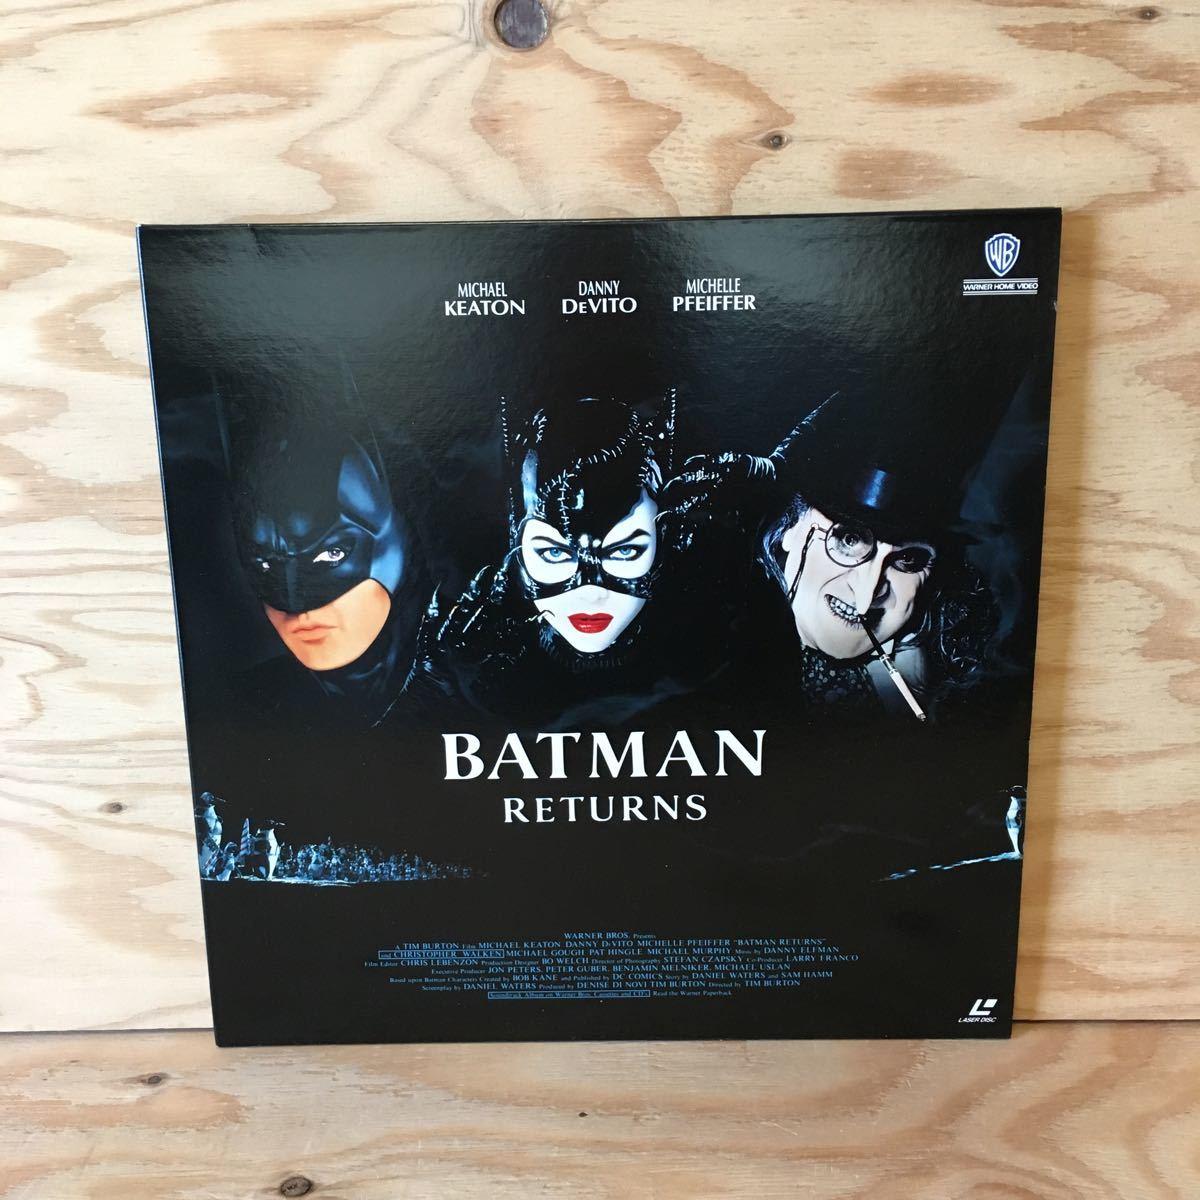 ◎3FAD-200207 レア[バットマン リターンズ BATMAN RETURNS]LD レーザーディスク マイケル・キートン ティム・バートン_画像1